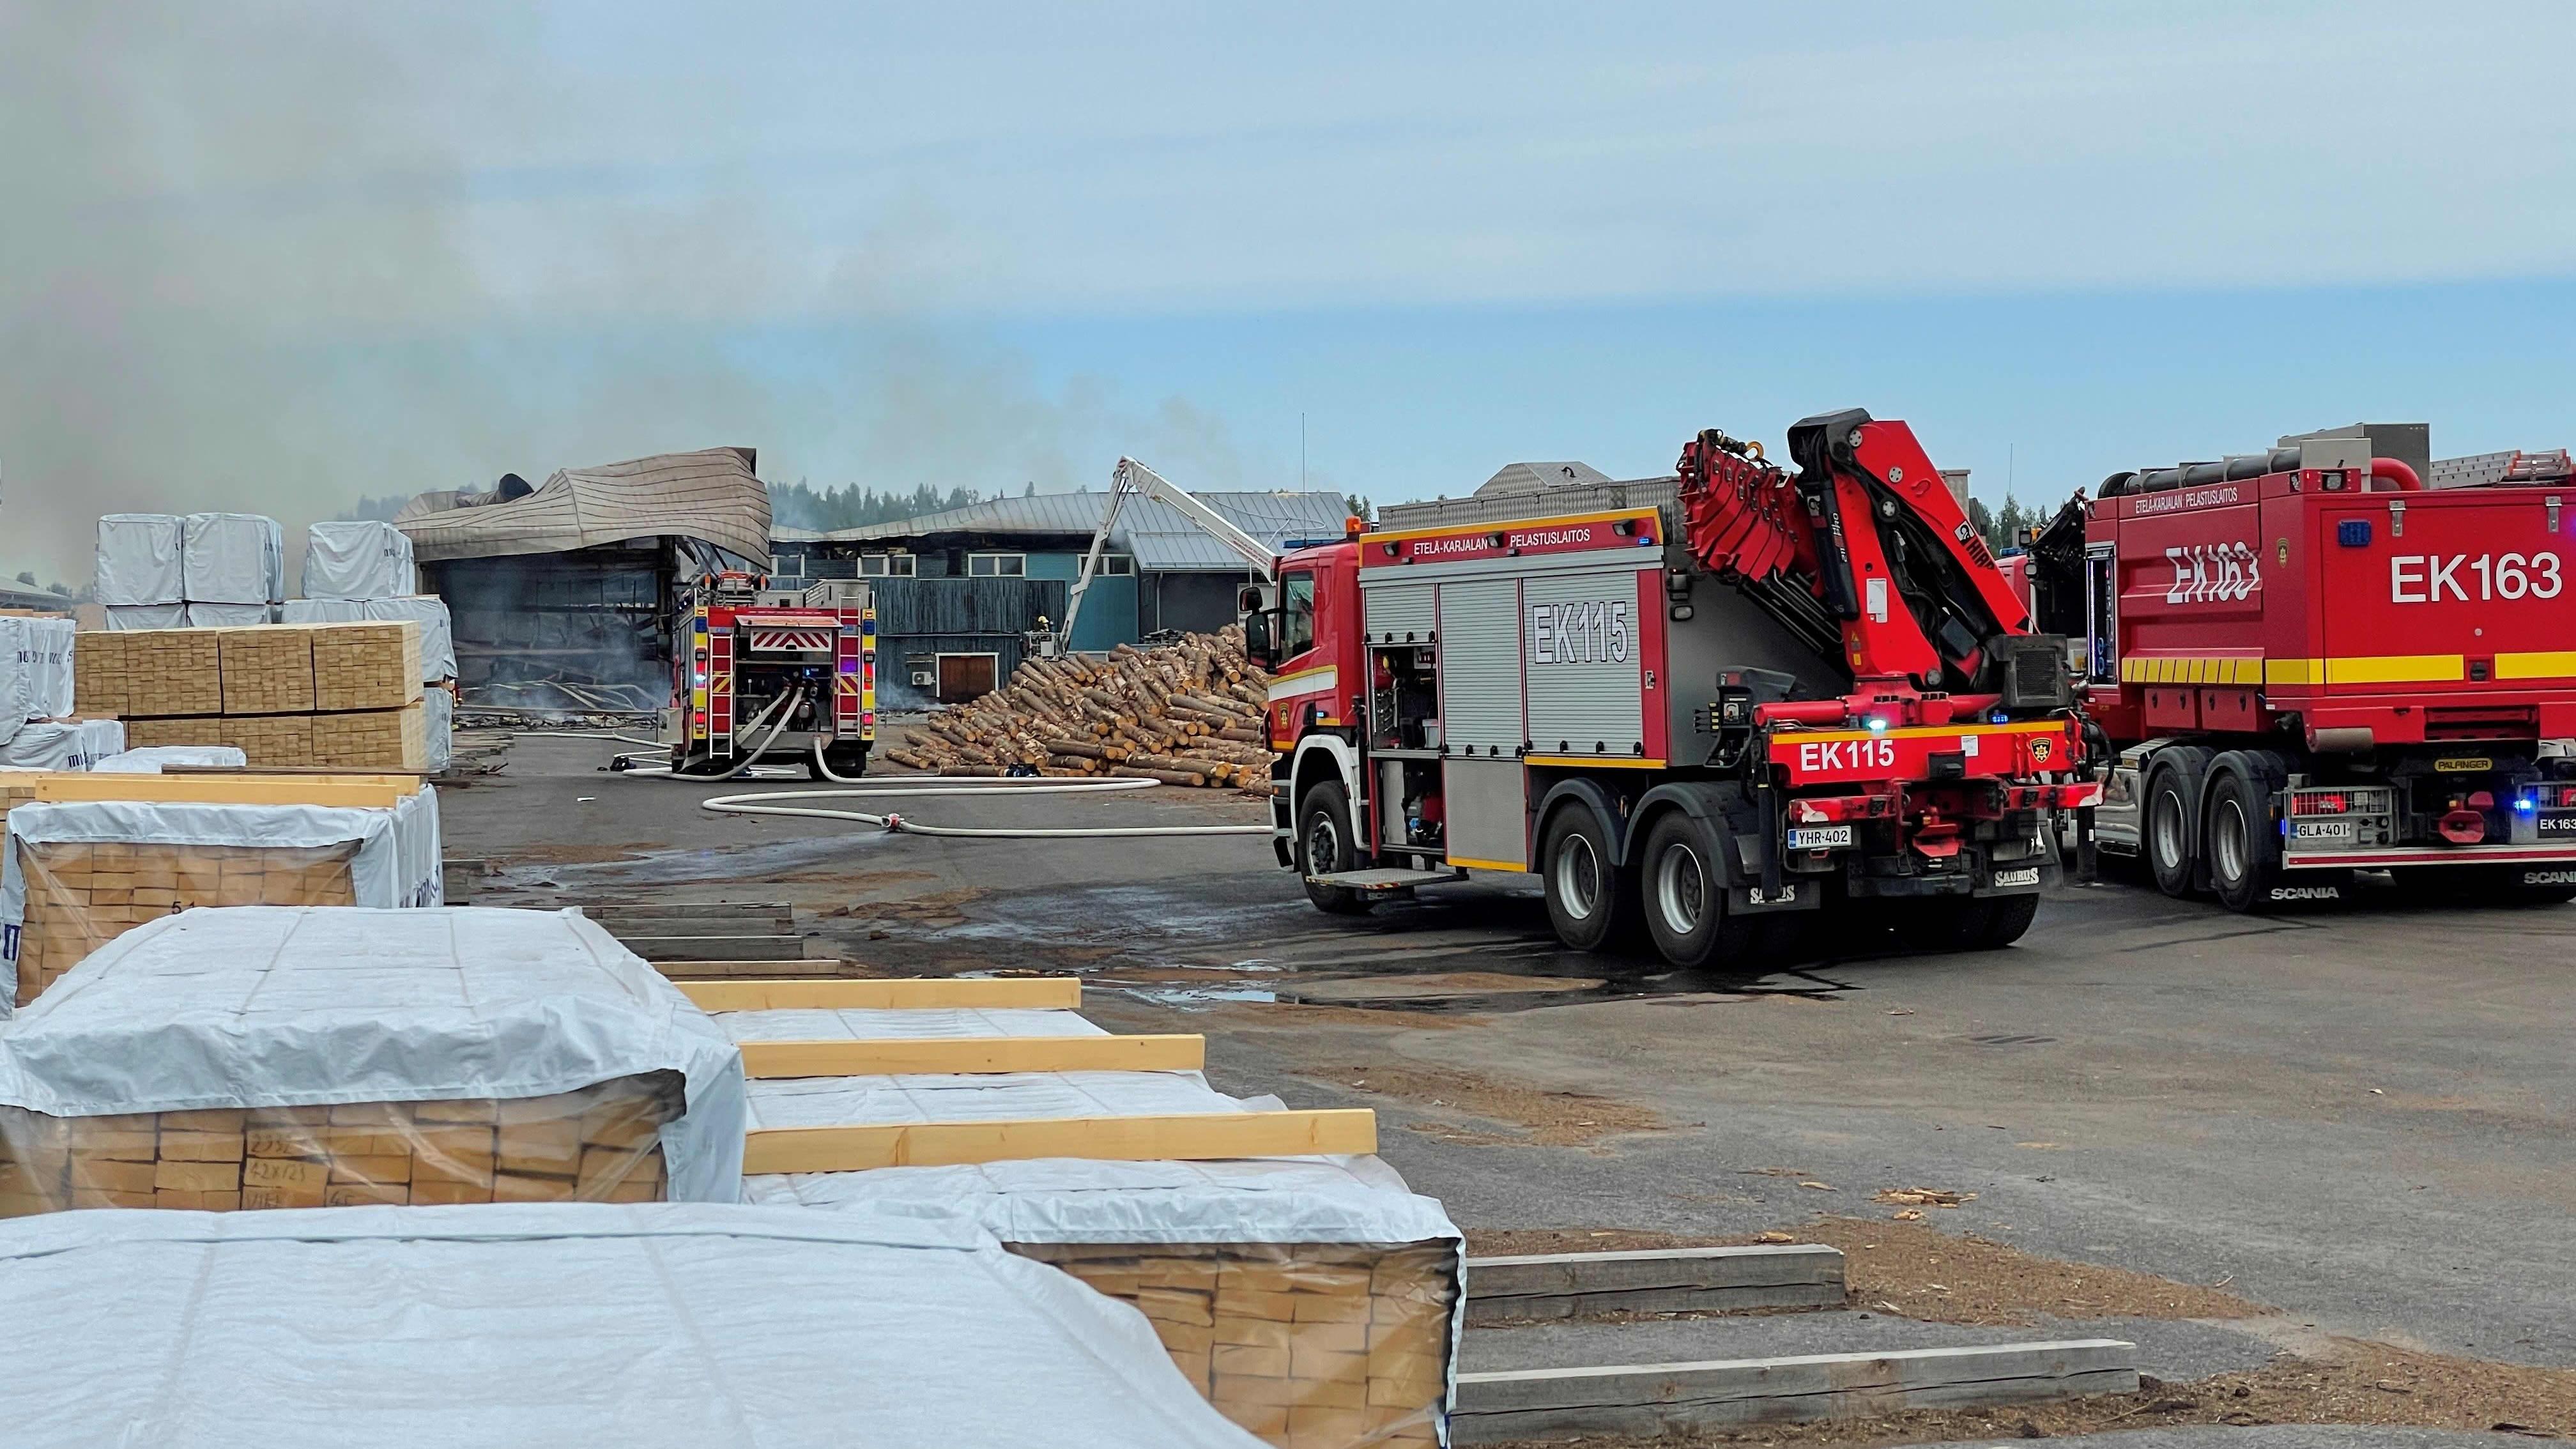 Palanut rakennus ja paloautoja.